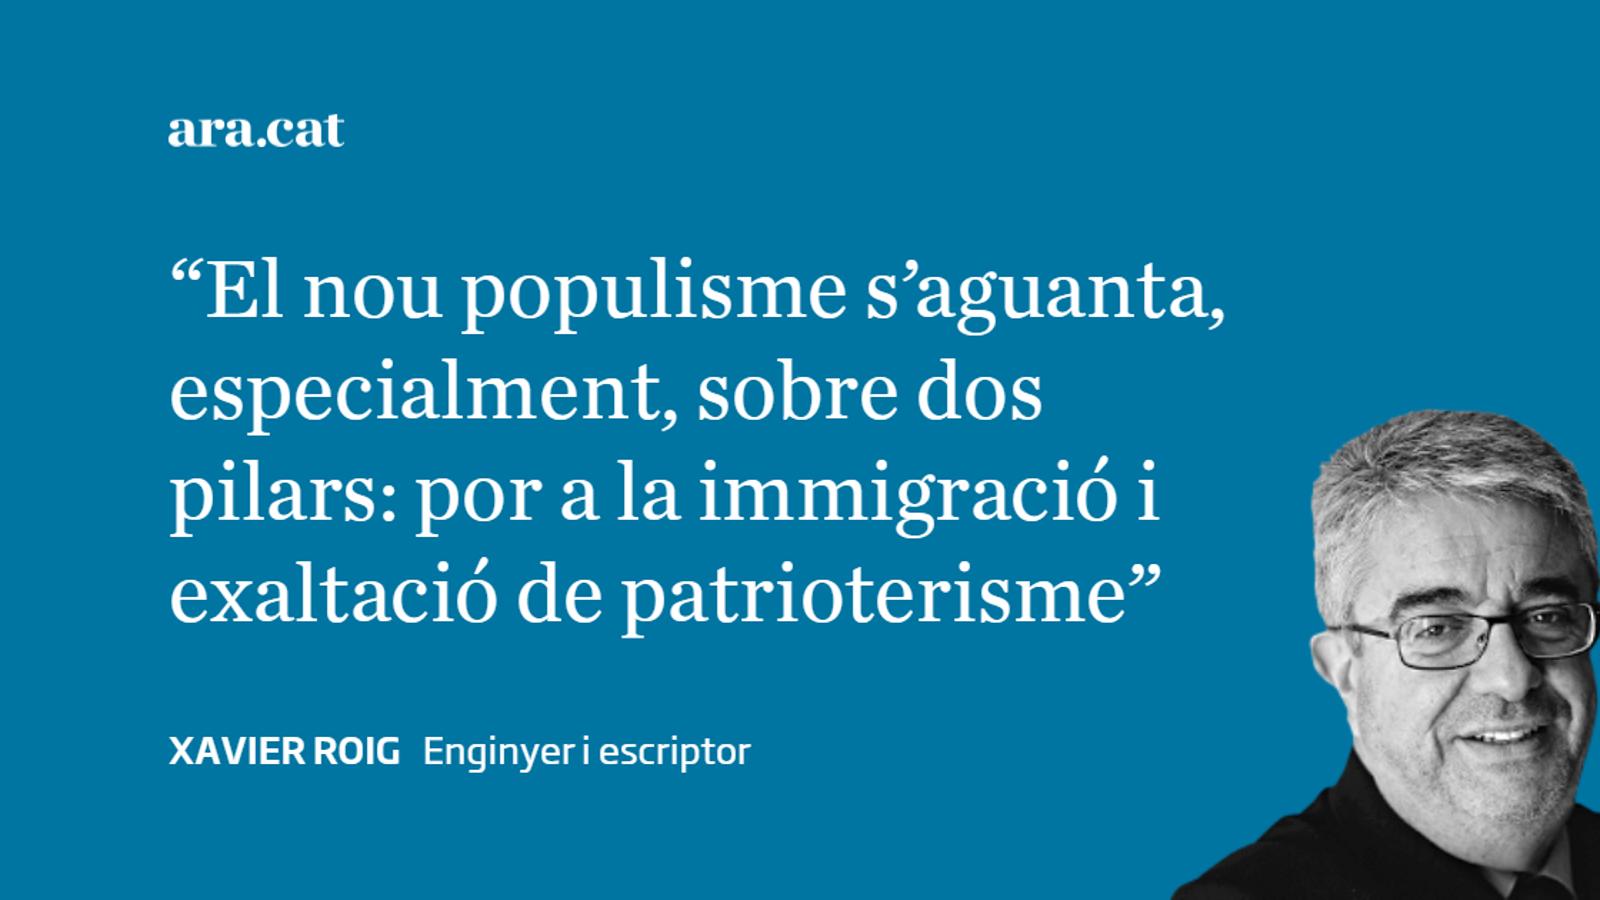 No es venç el populisme insultant-lo